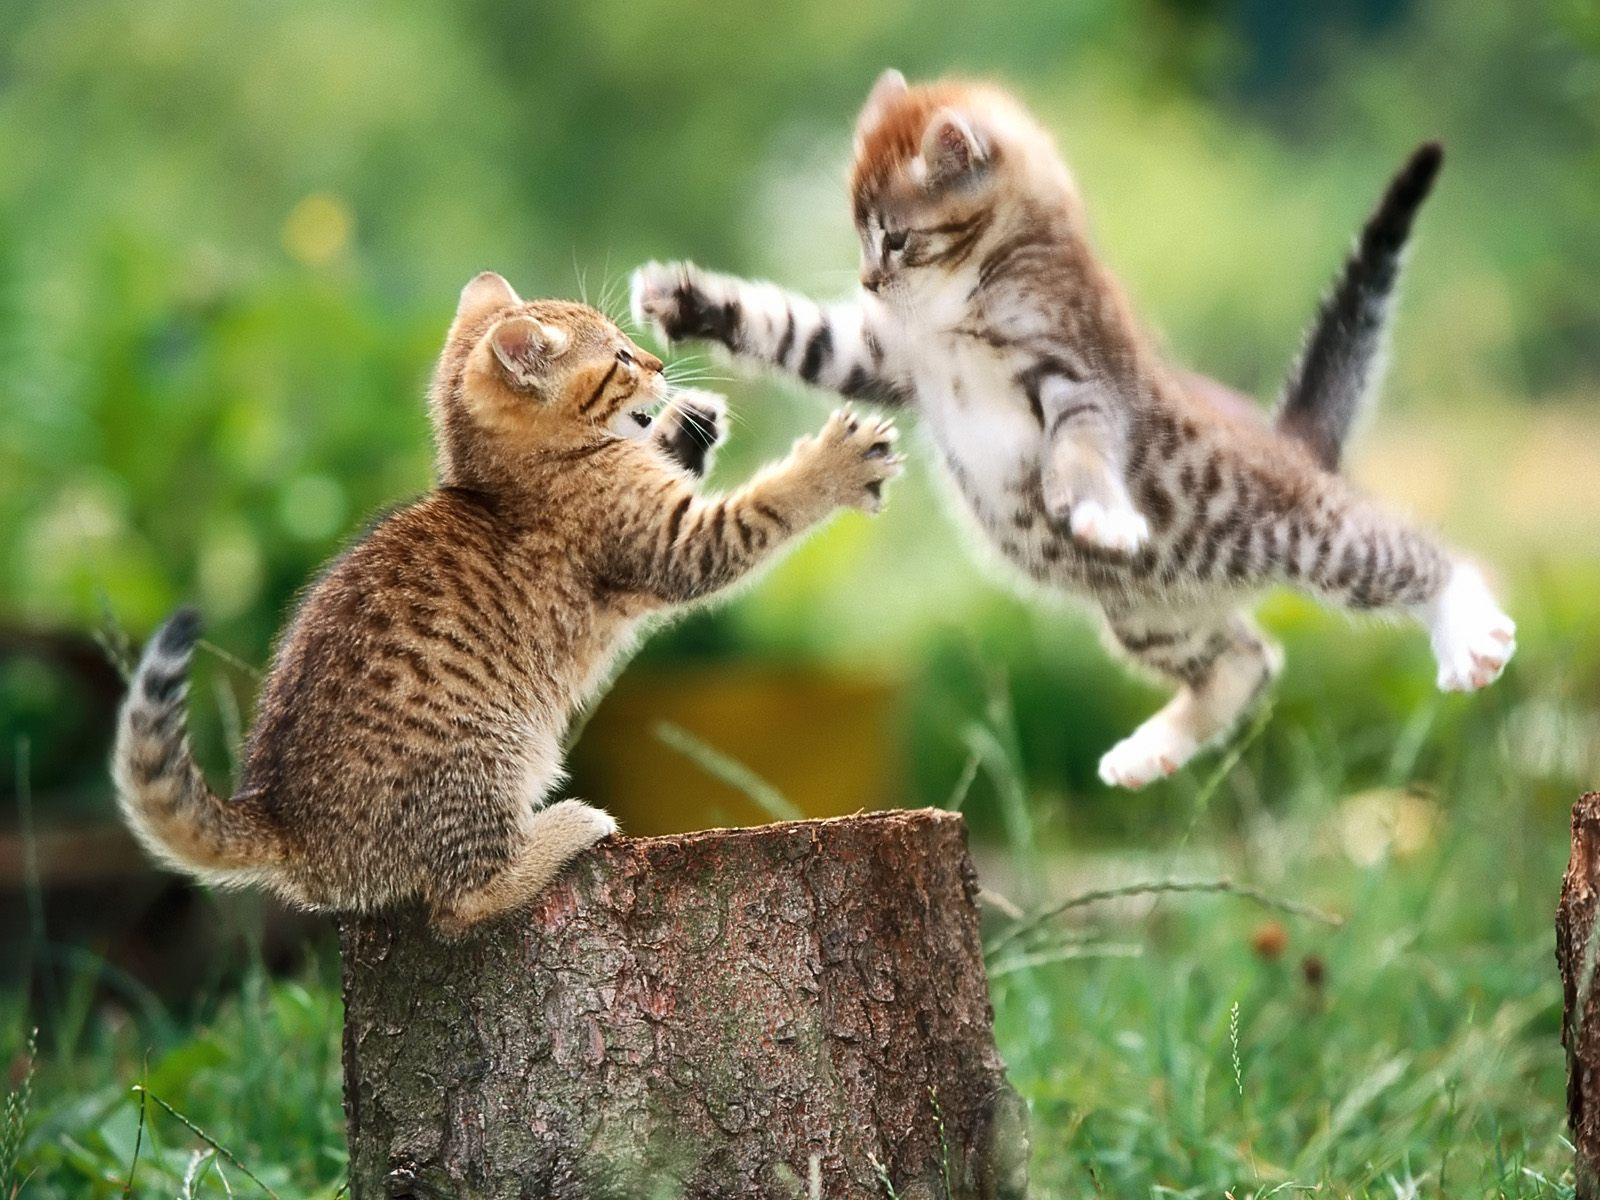 oyun-oynayan-yavru-kediler